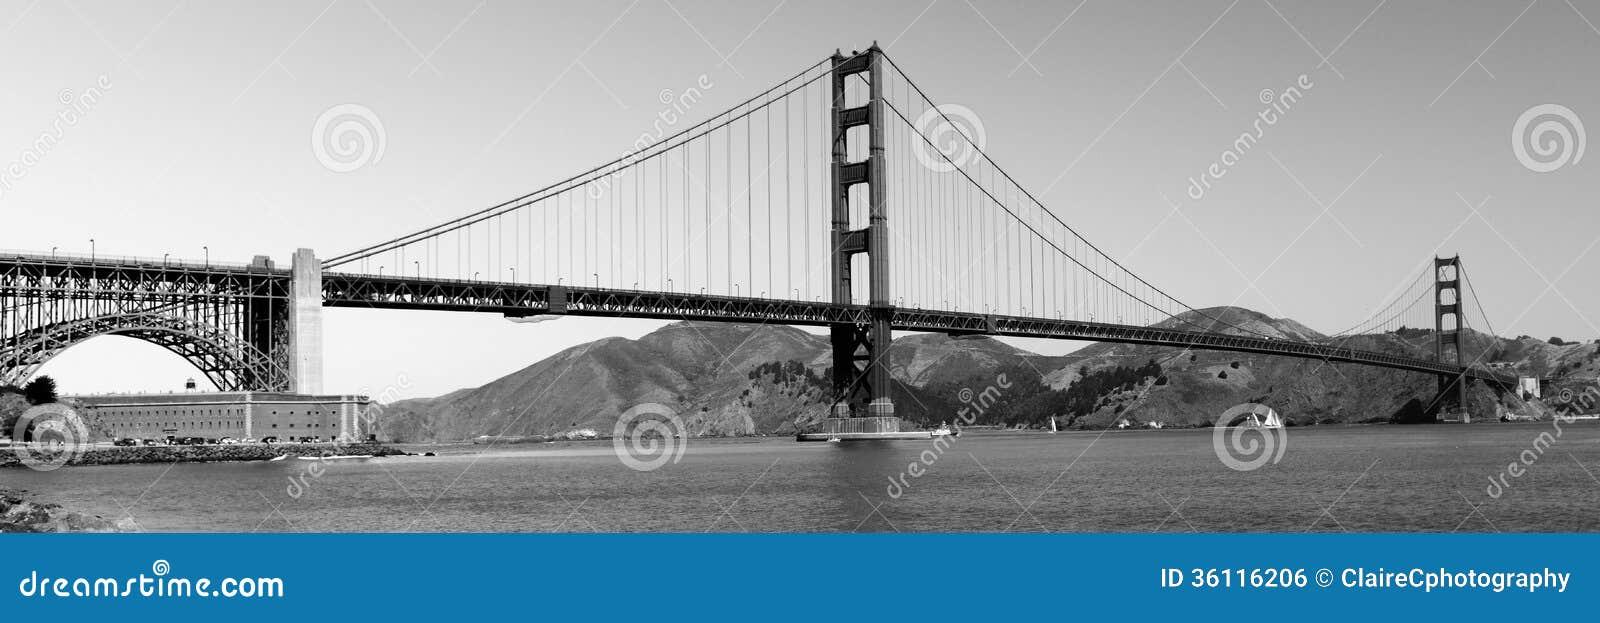 Panorama Of Golden Gate Bridge Royalty Free Stock Image